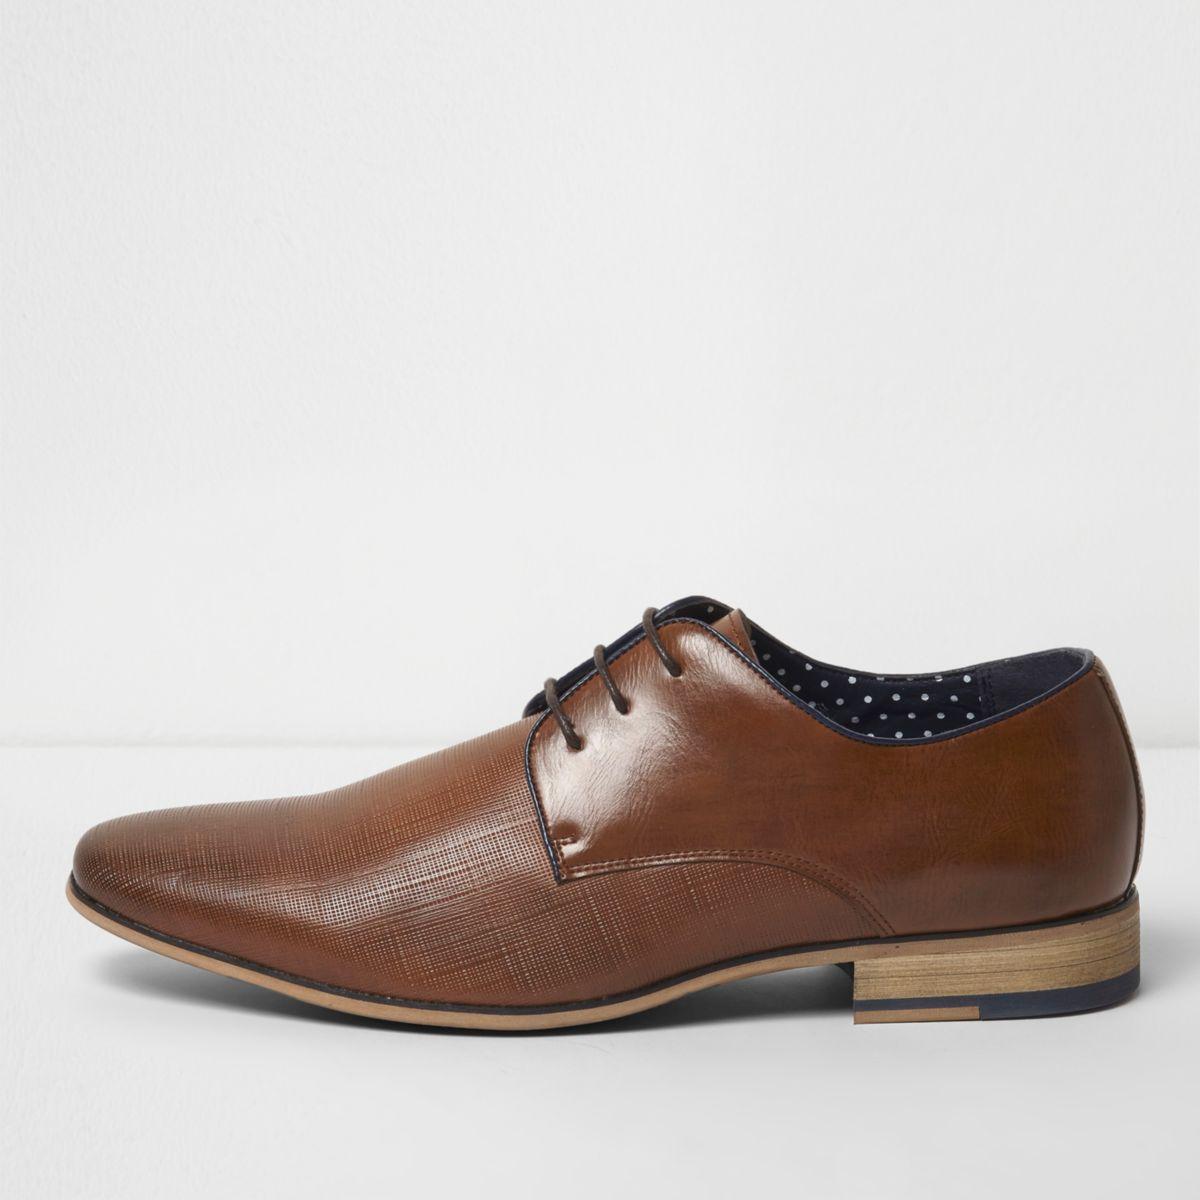 Chaussures habillées fauves à lacets BsfRVlICJ